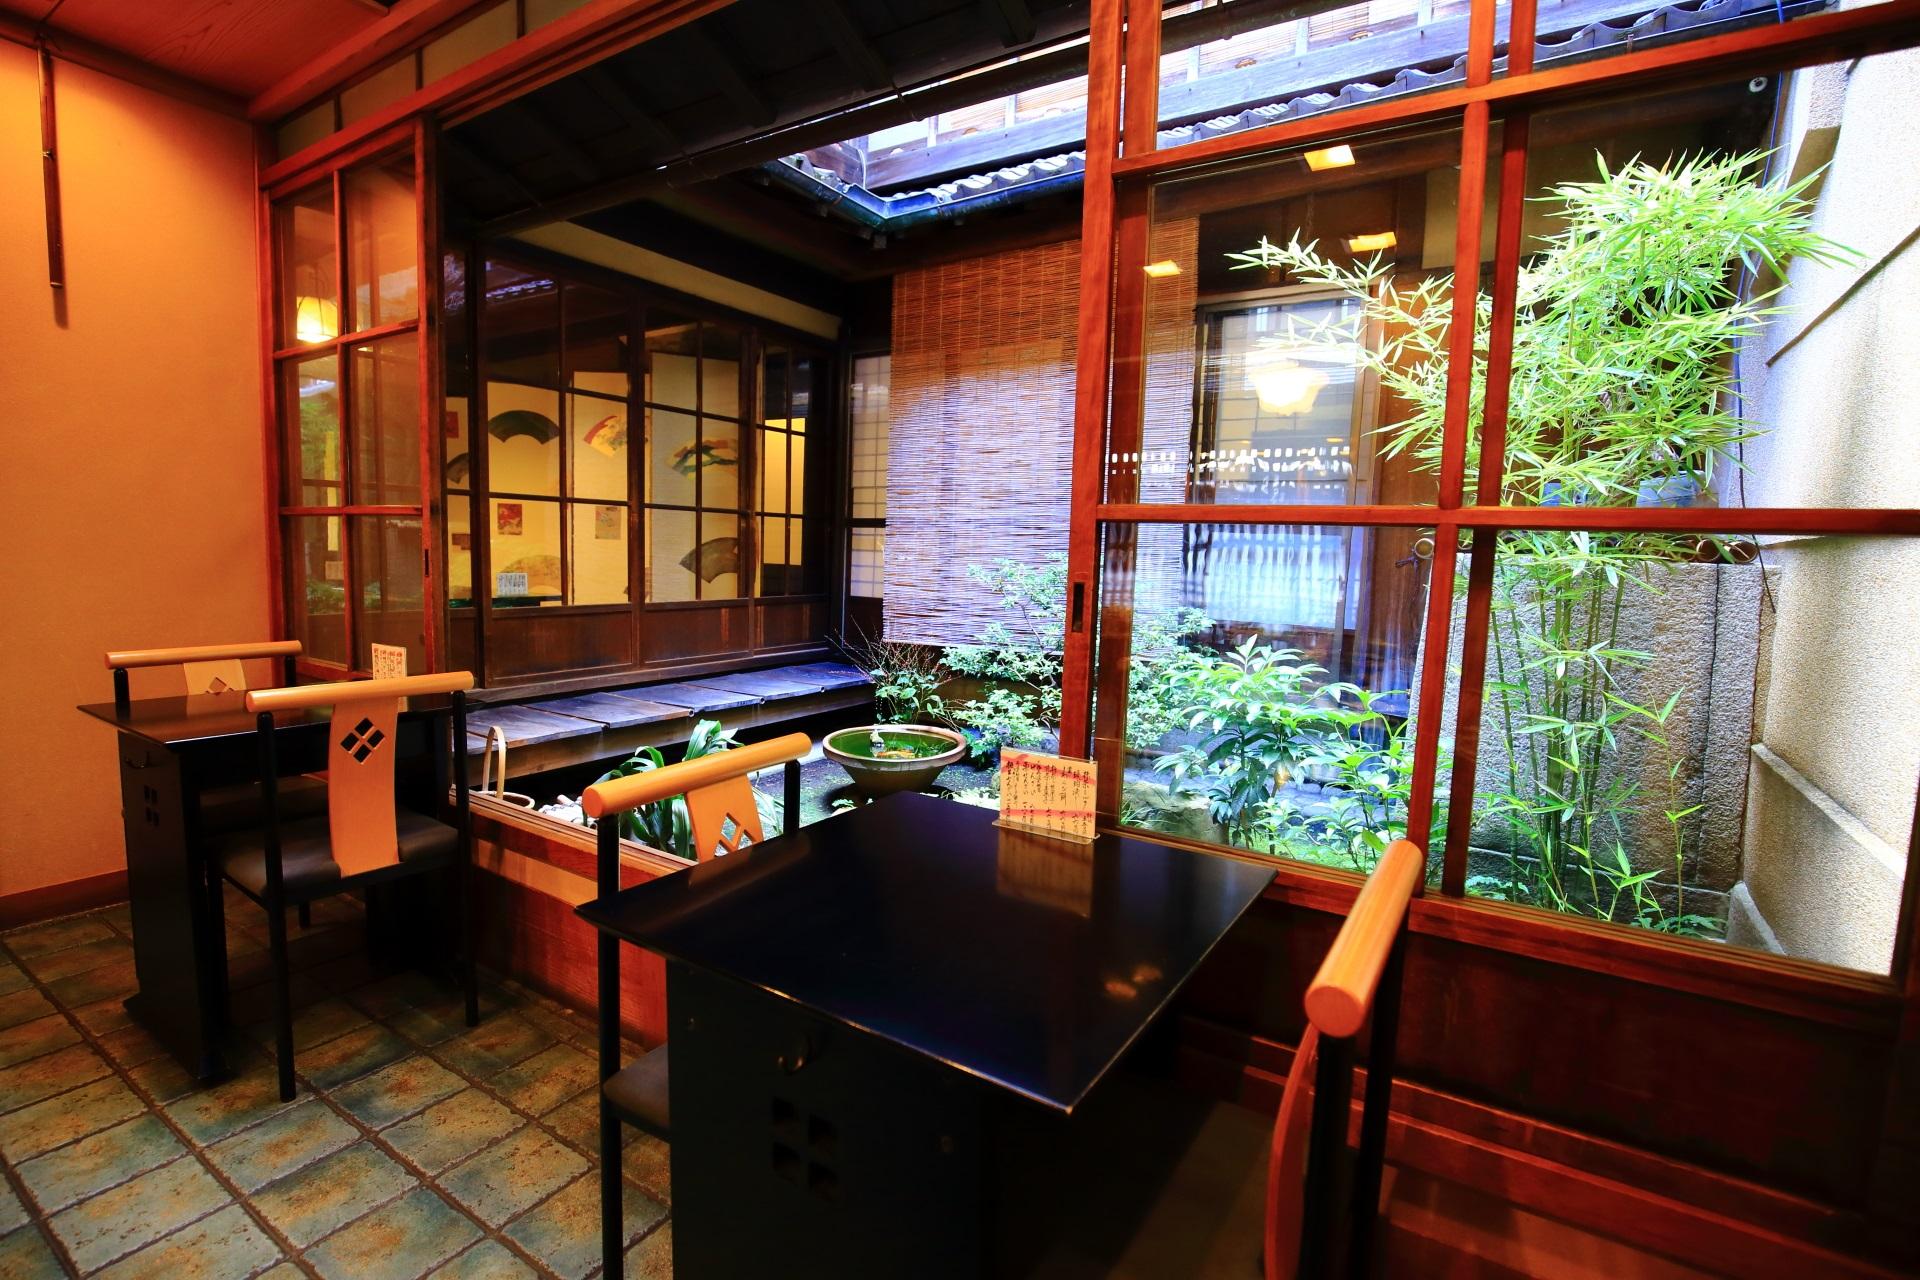 栖園の綺麗な店内と風情ある中庭で